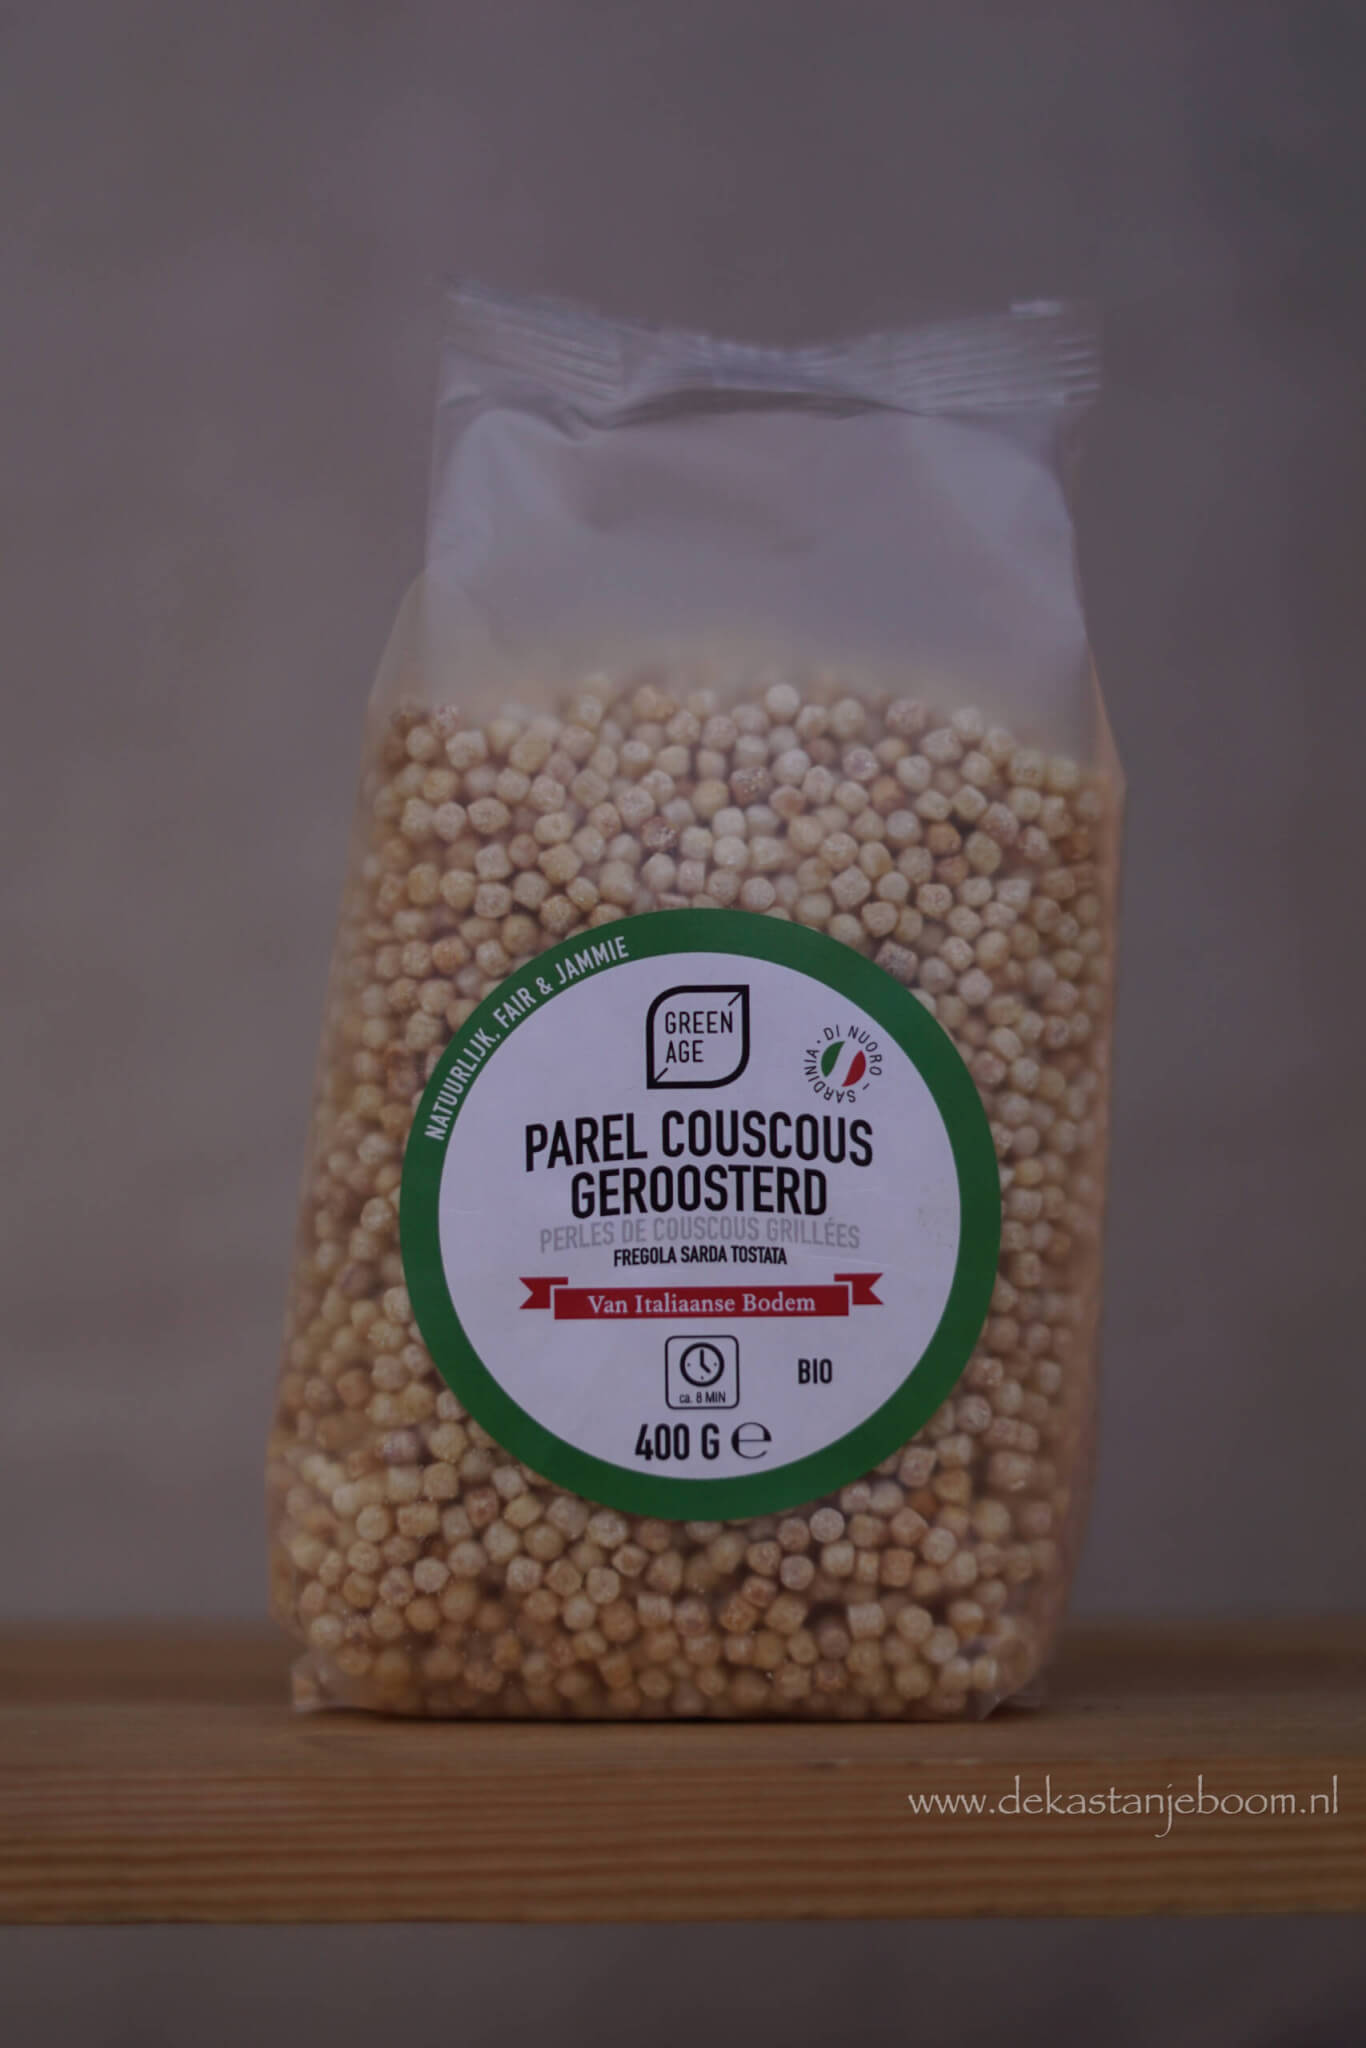 Parel couscous geroosterd